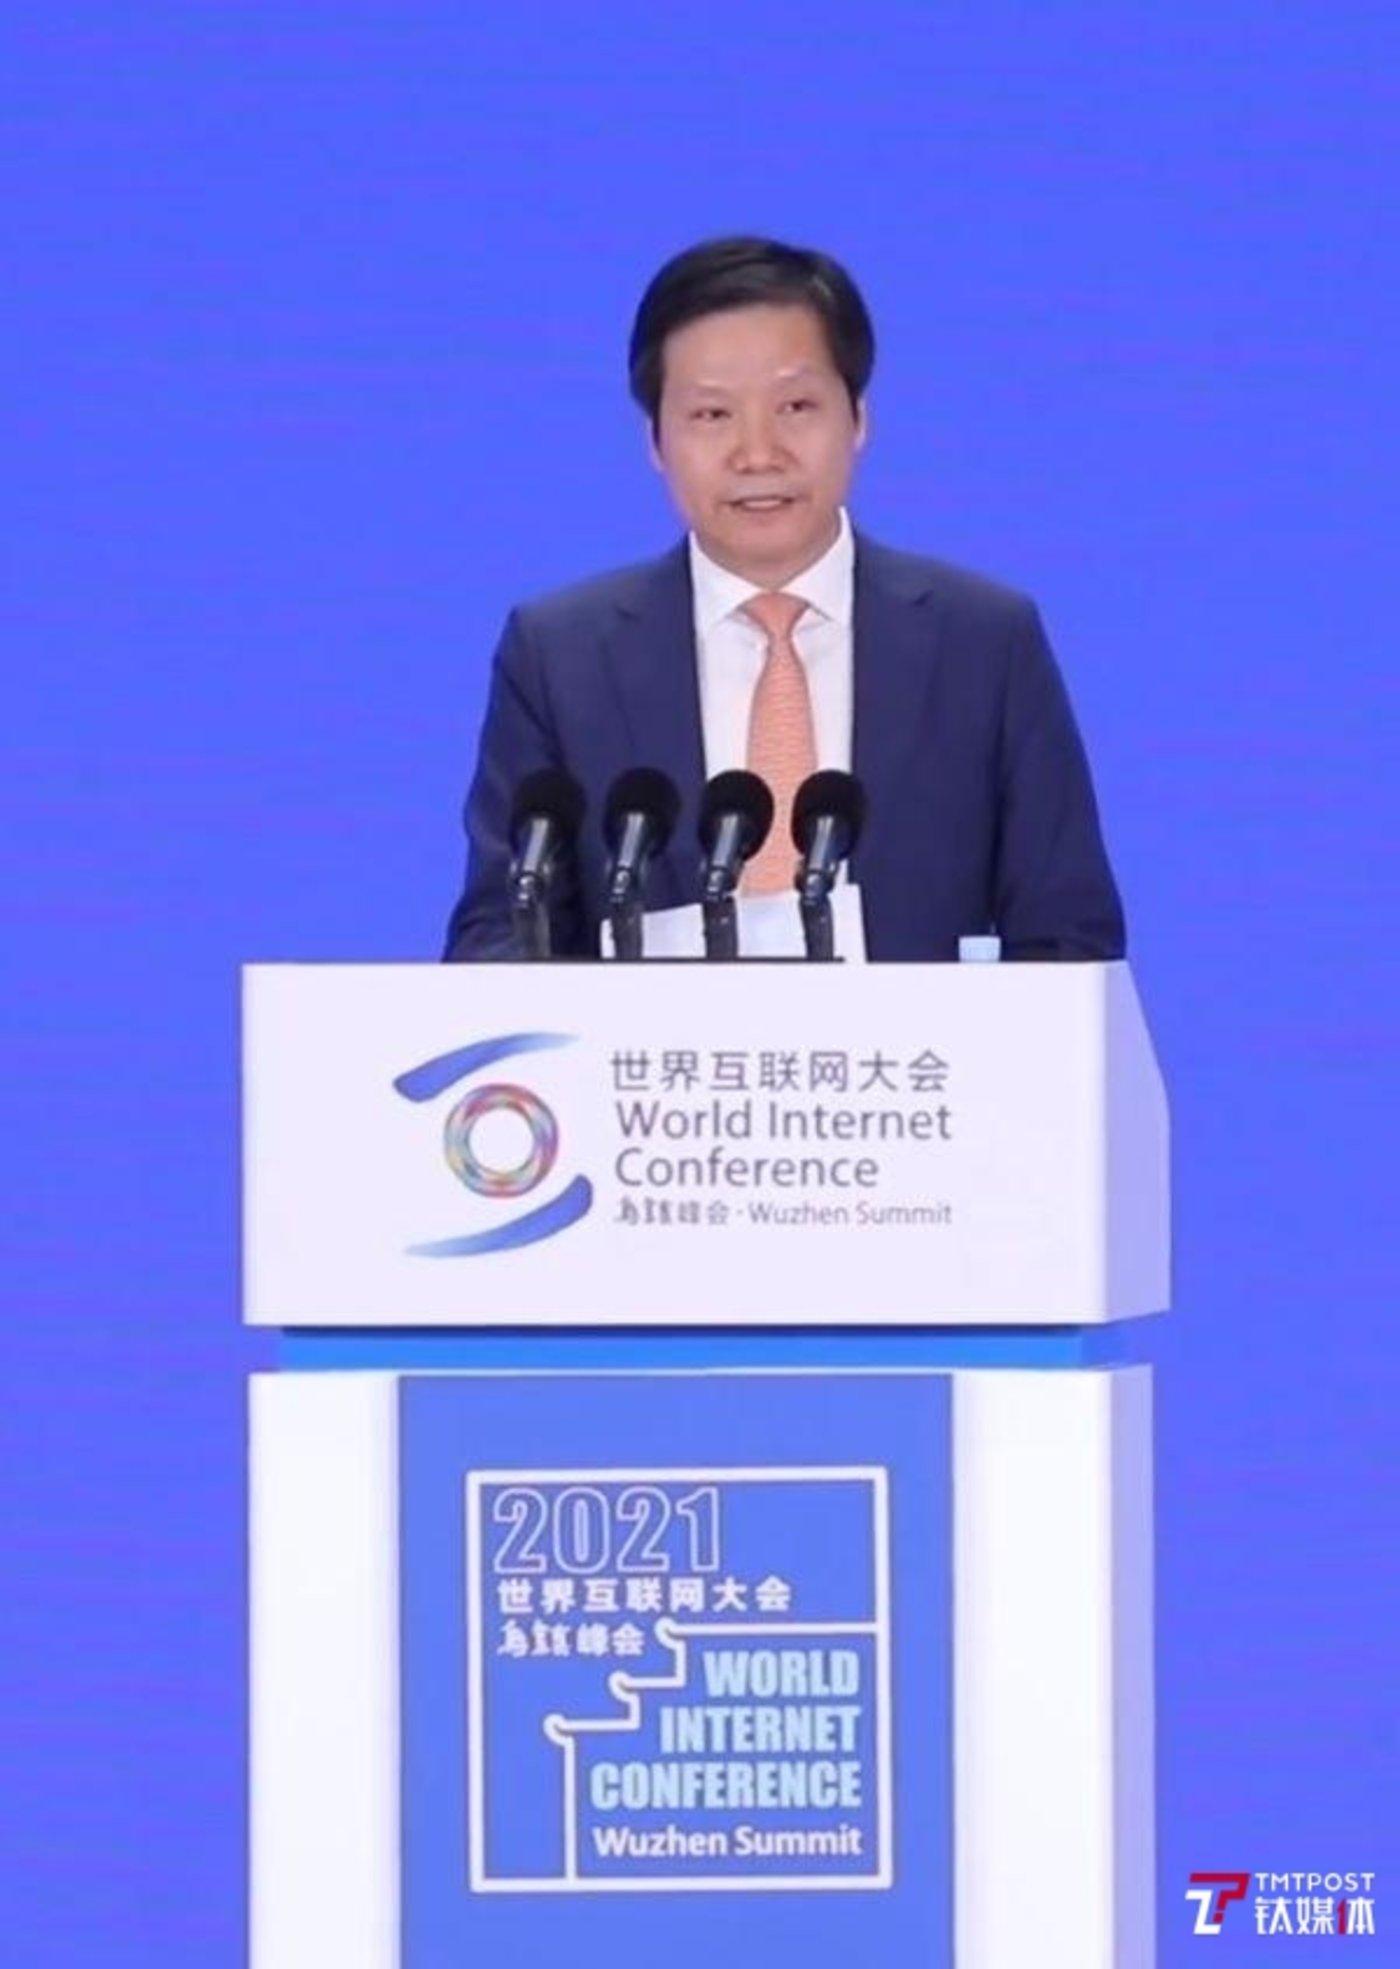 小米董事长雷军在2021世界互联网大会乌镇峰会发表演